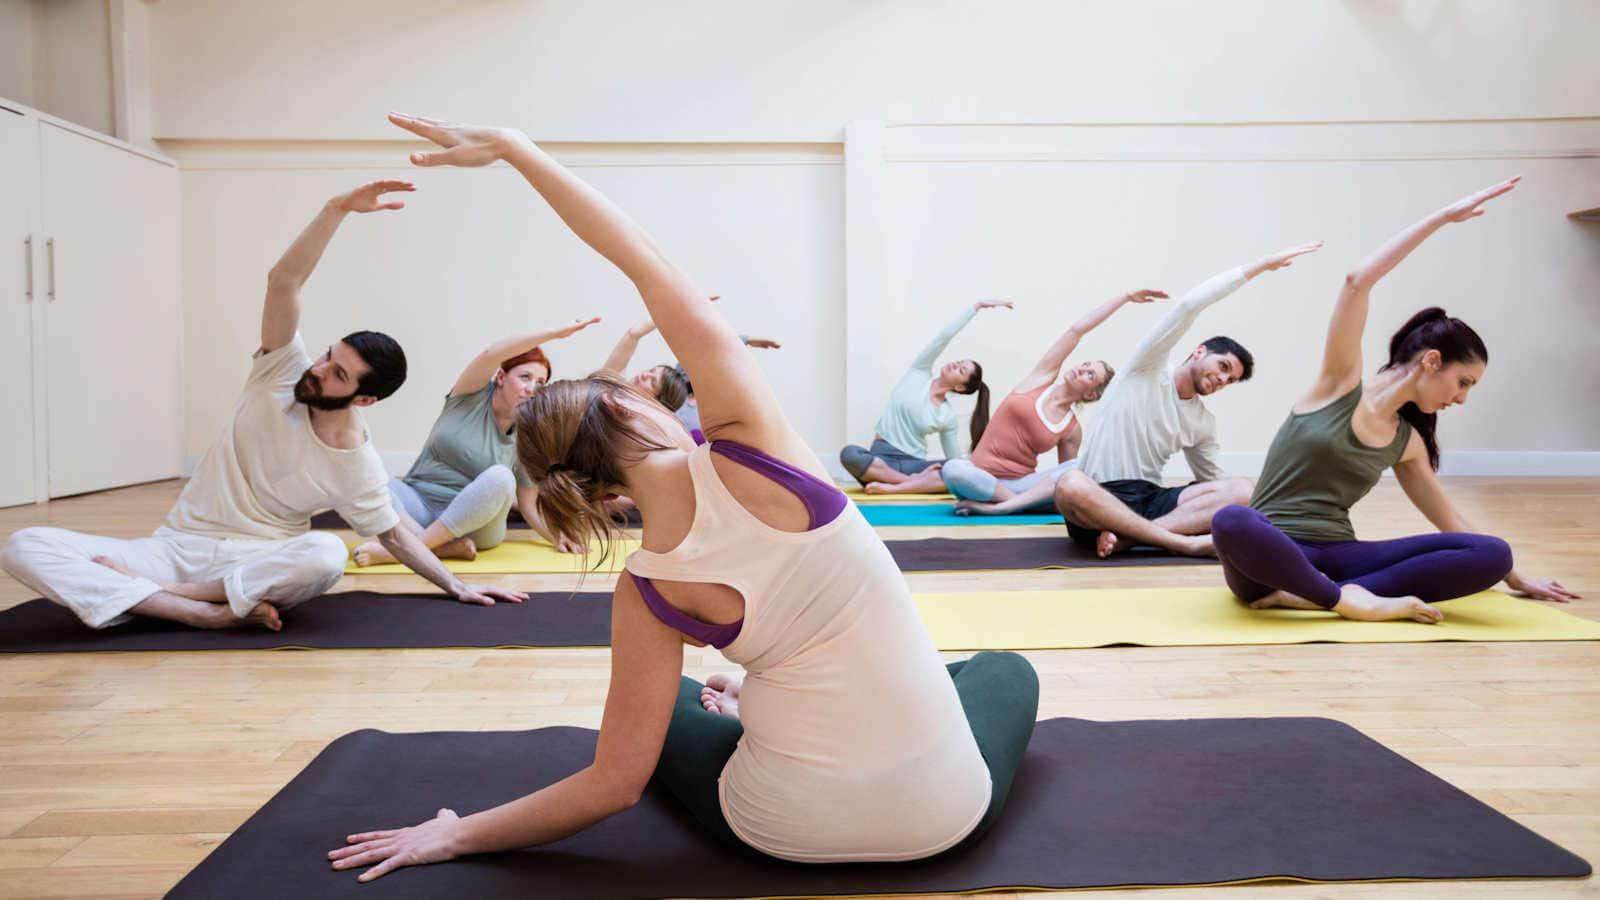 Yab Yum Yoga of Perth